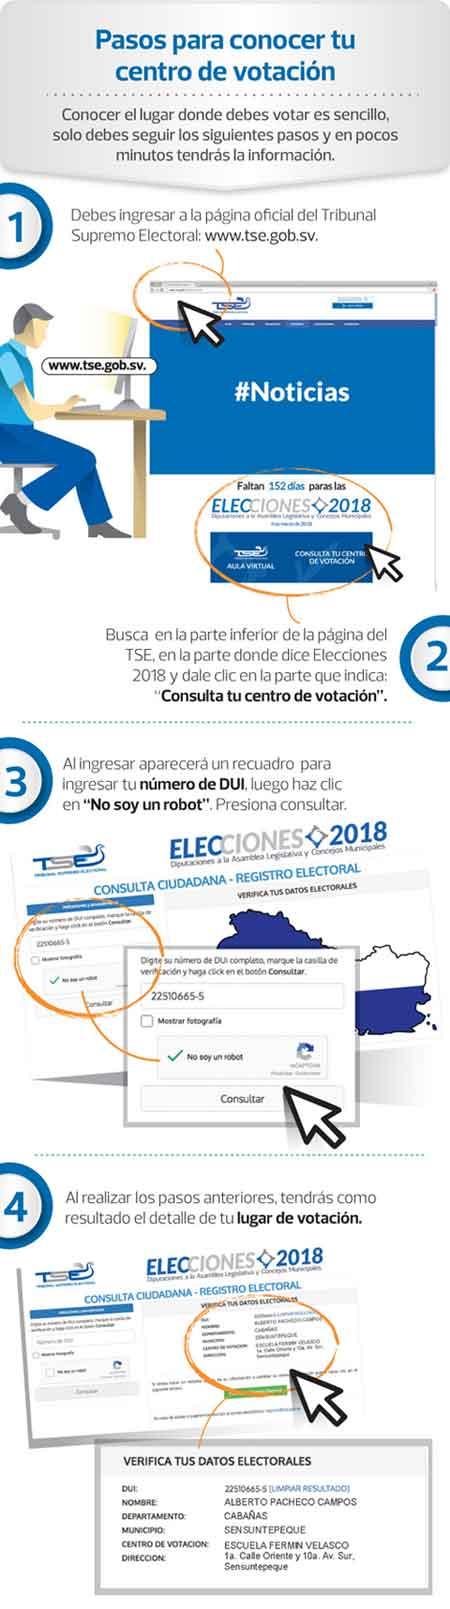 Pasos para hacer la consulta de dónde votar